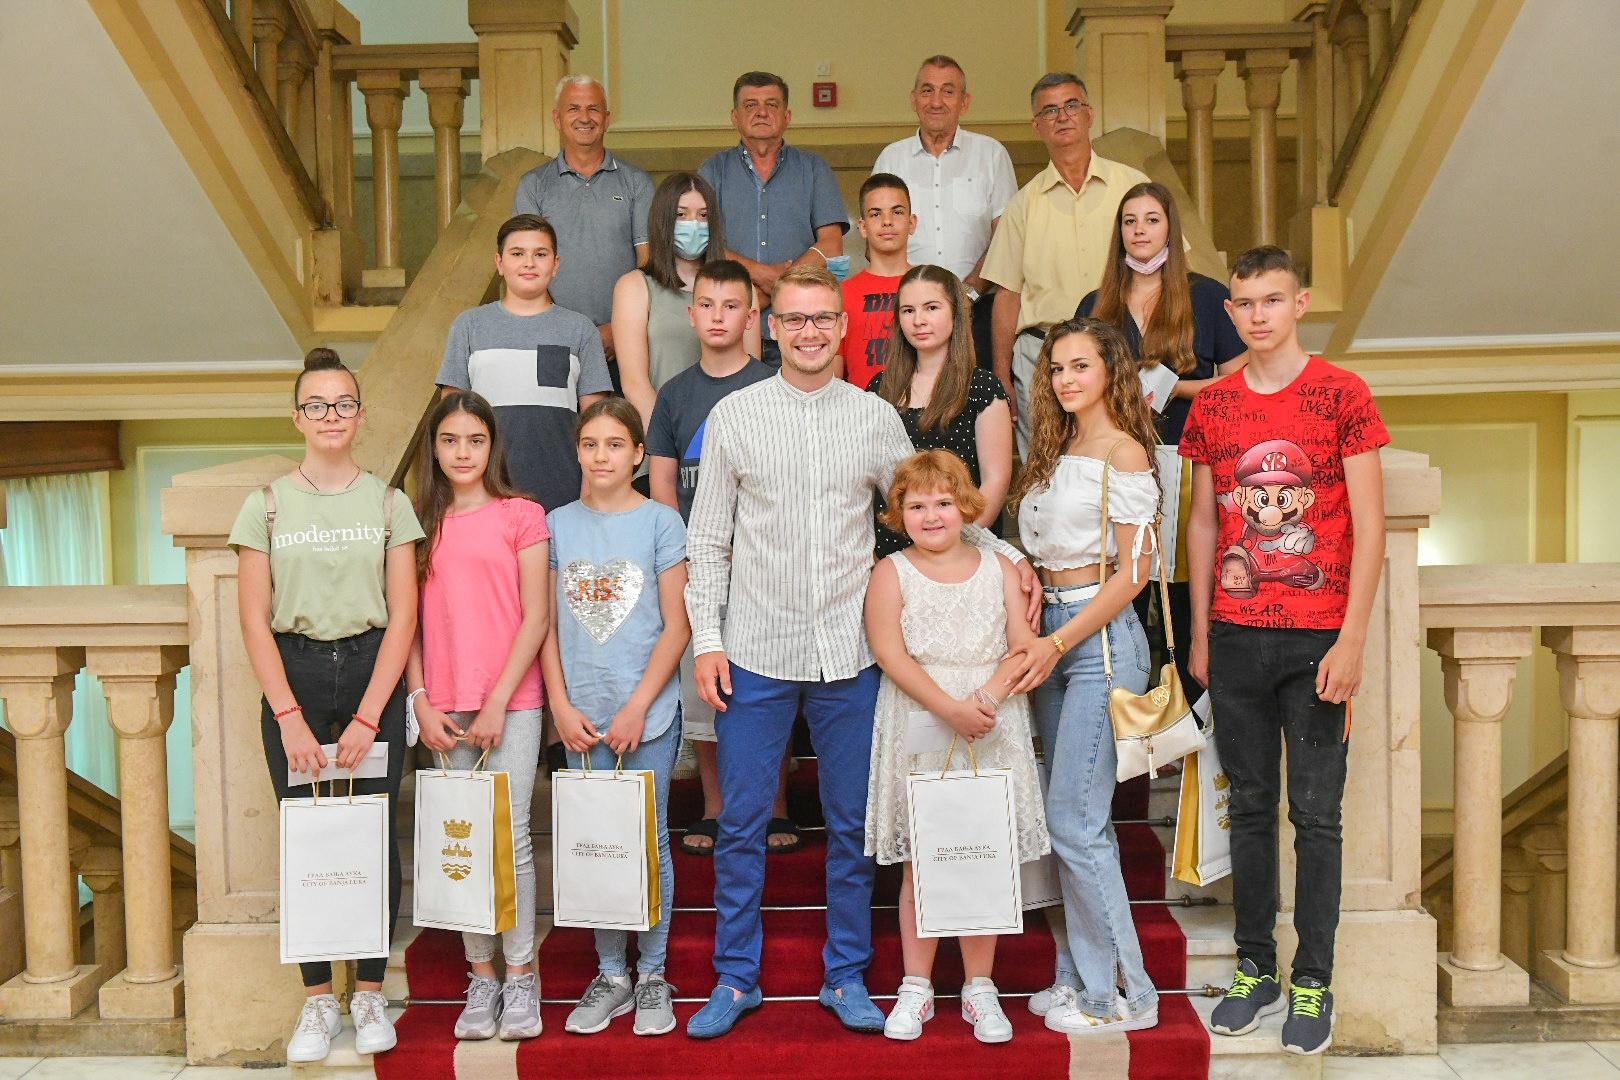 Pred put u Bečiće: Gradonačelnik ugostio djecu ratnih vojnih invalida VRS